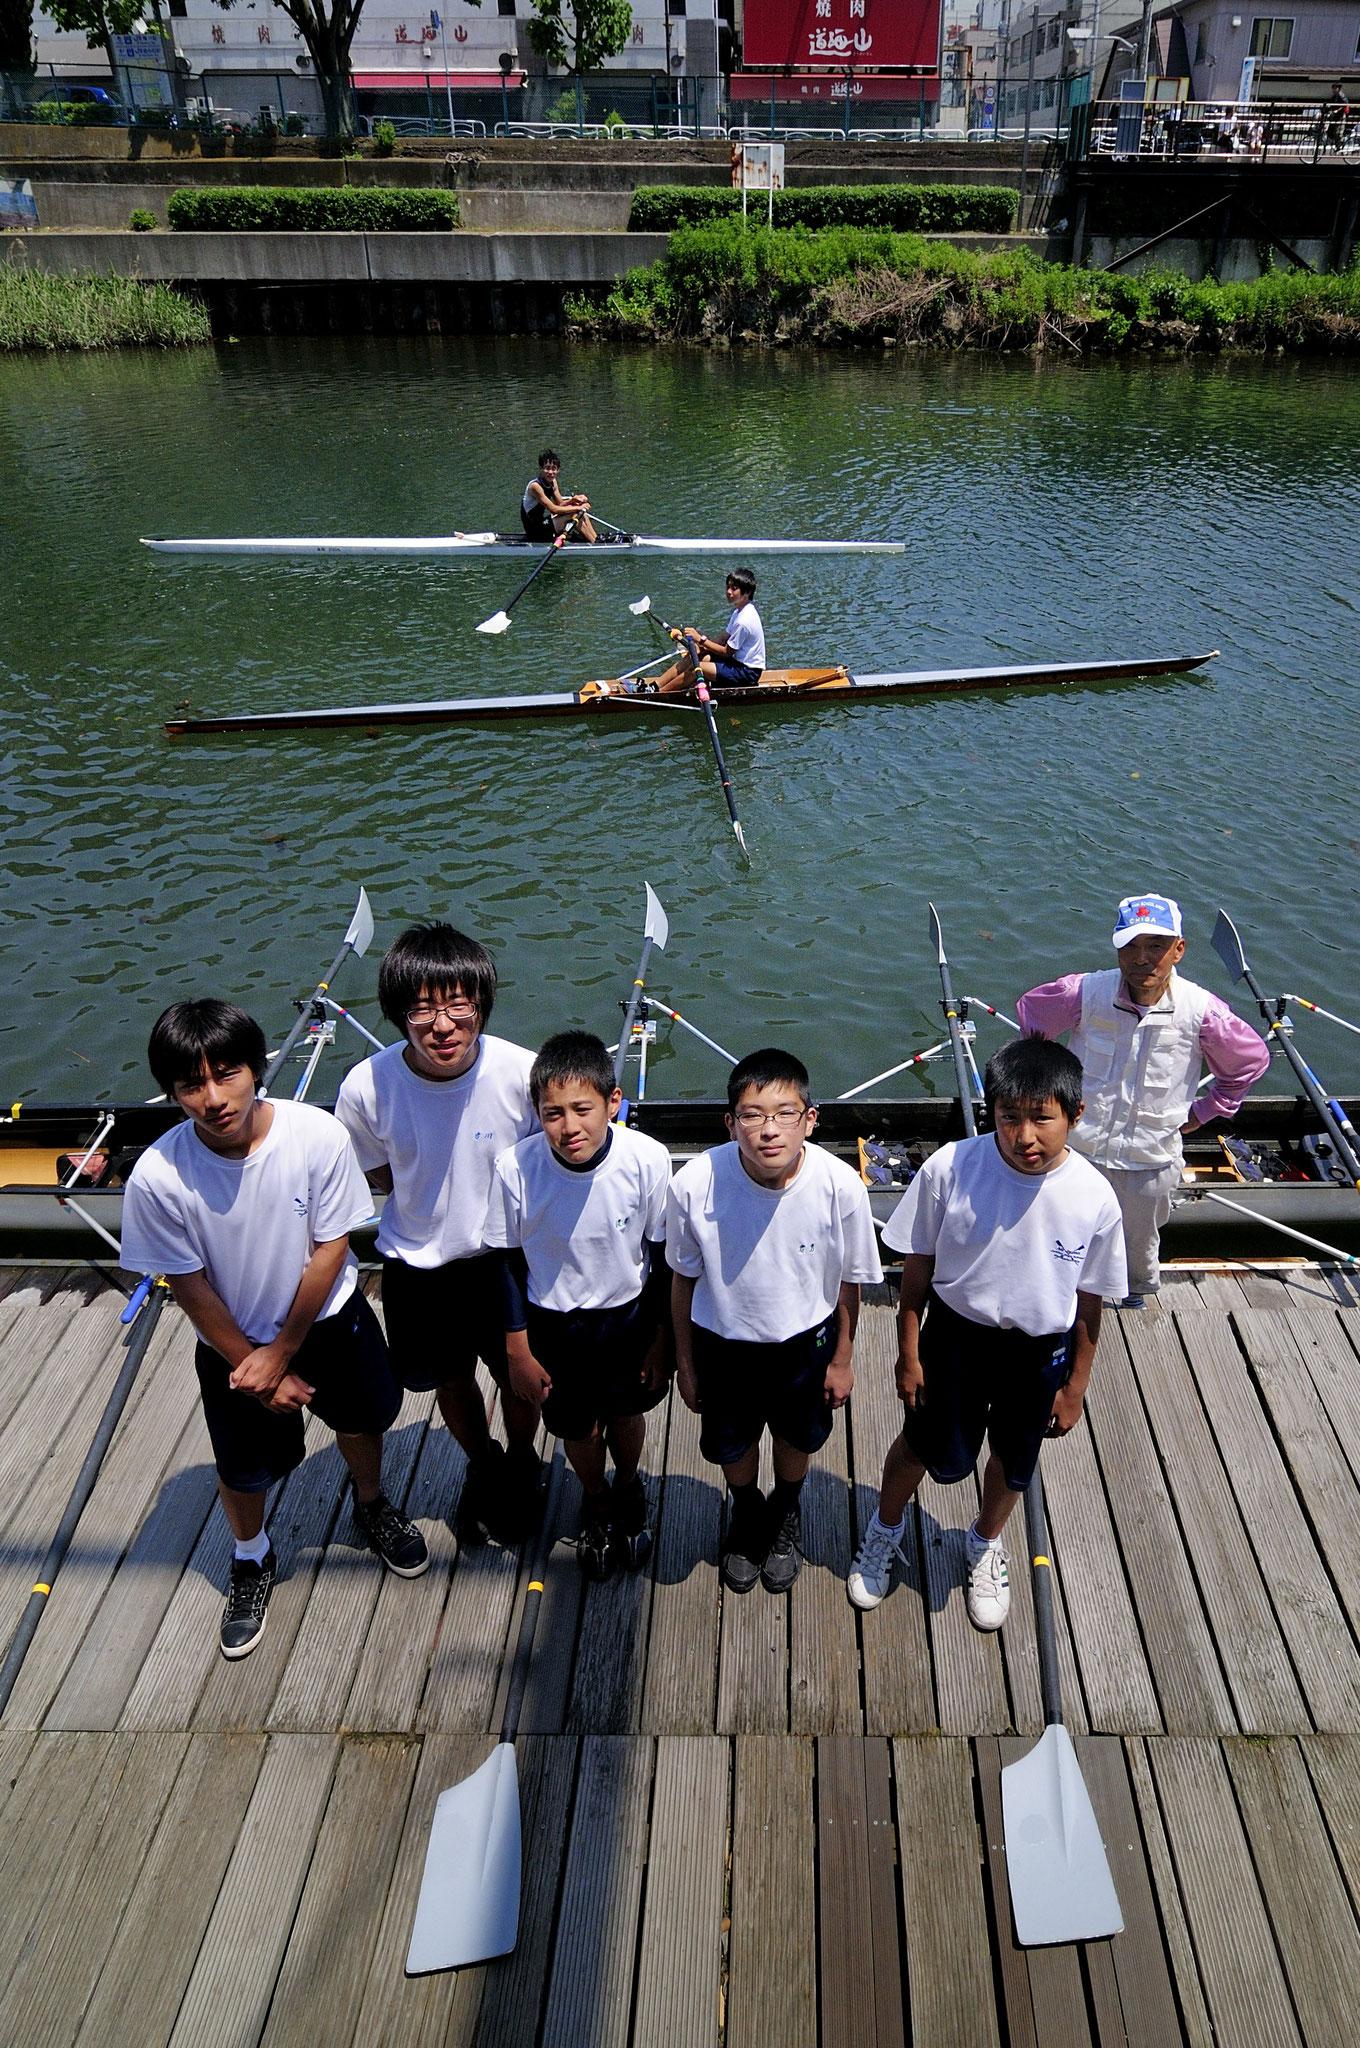 土曜日、中学校のボート部の練習があった。横十間川